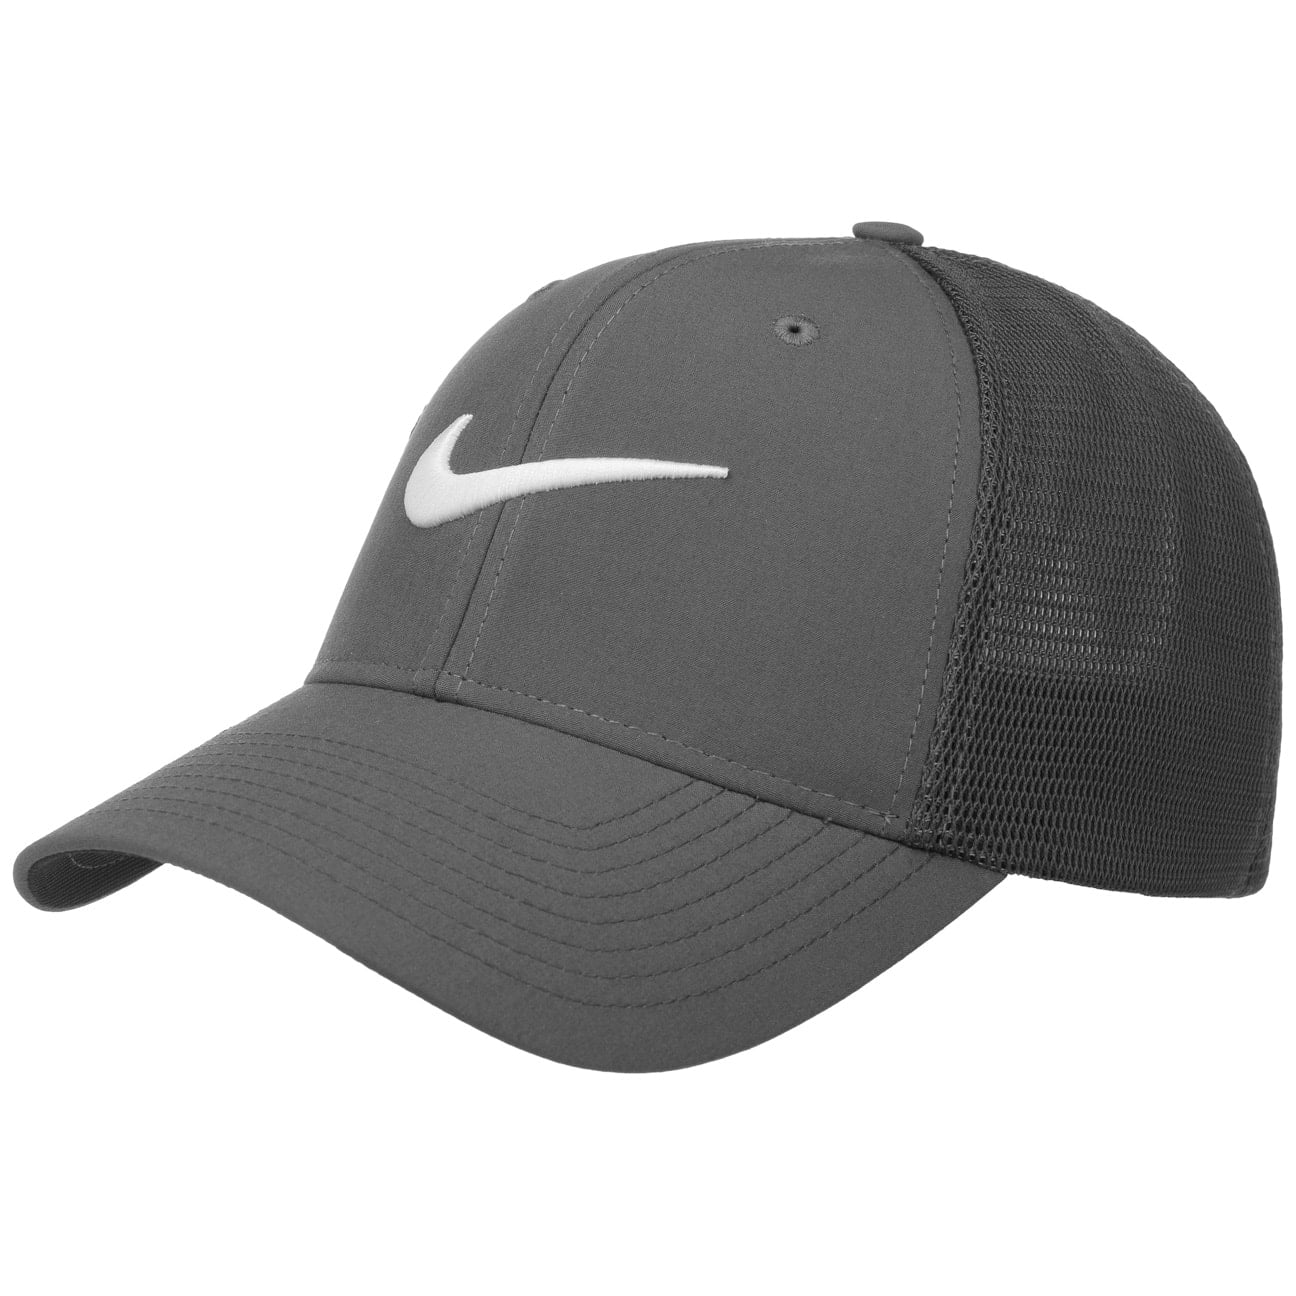 Baya Auroch Haciendo  Legacy91 Uni Flexfit Mesh Cap by Nike - 37,95 €